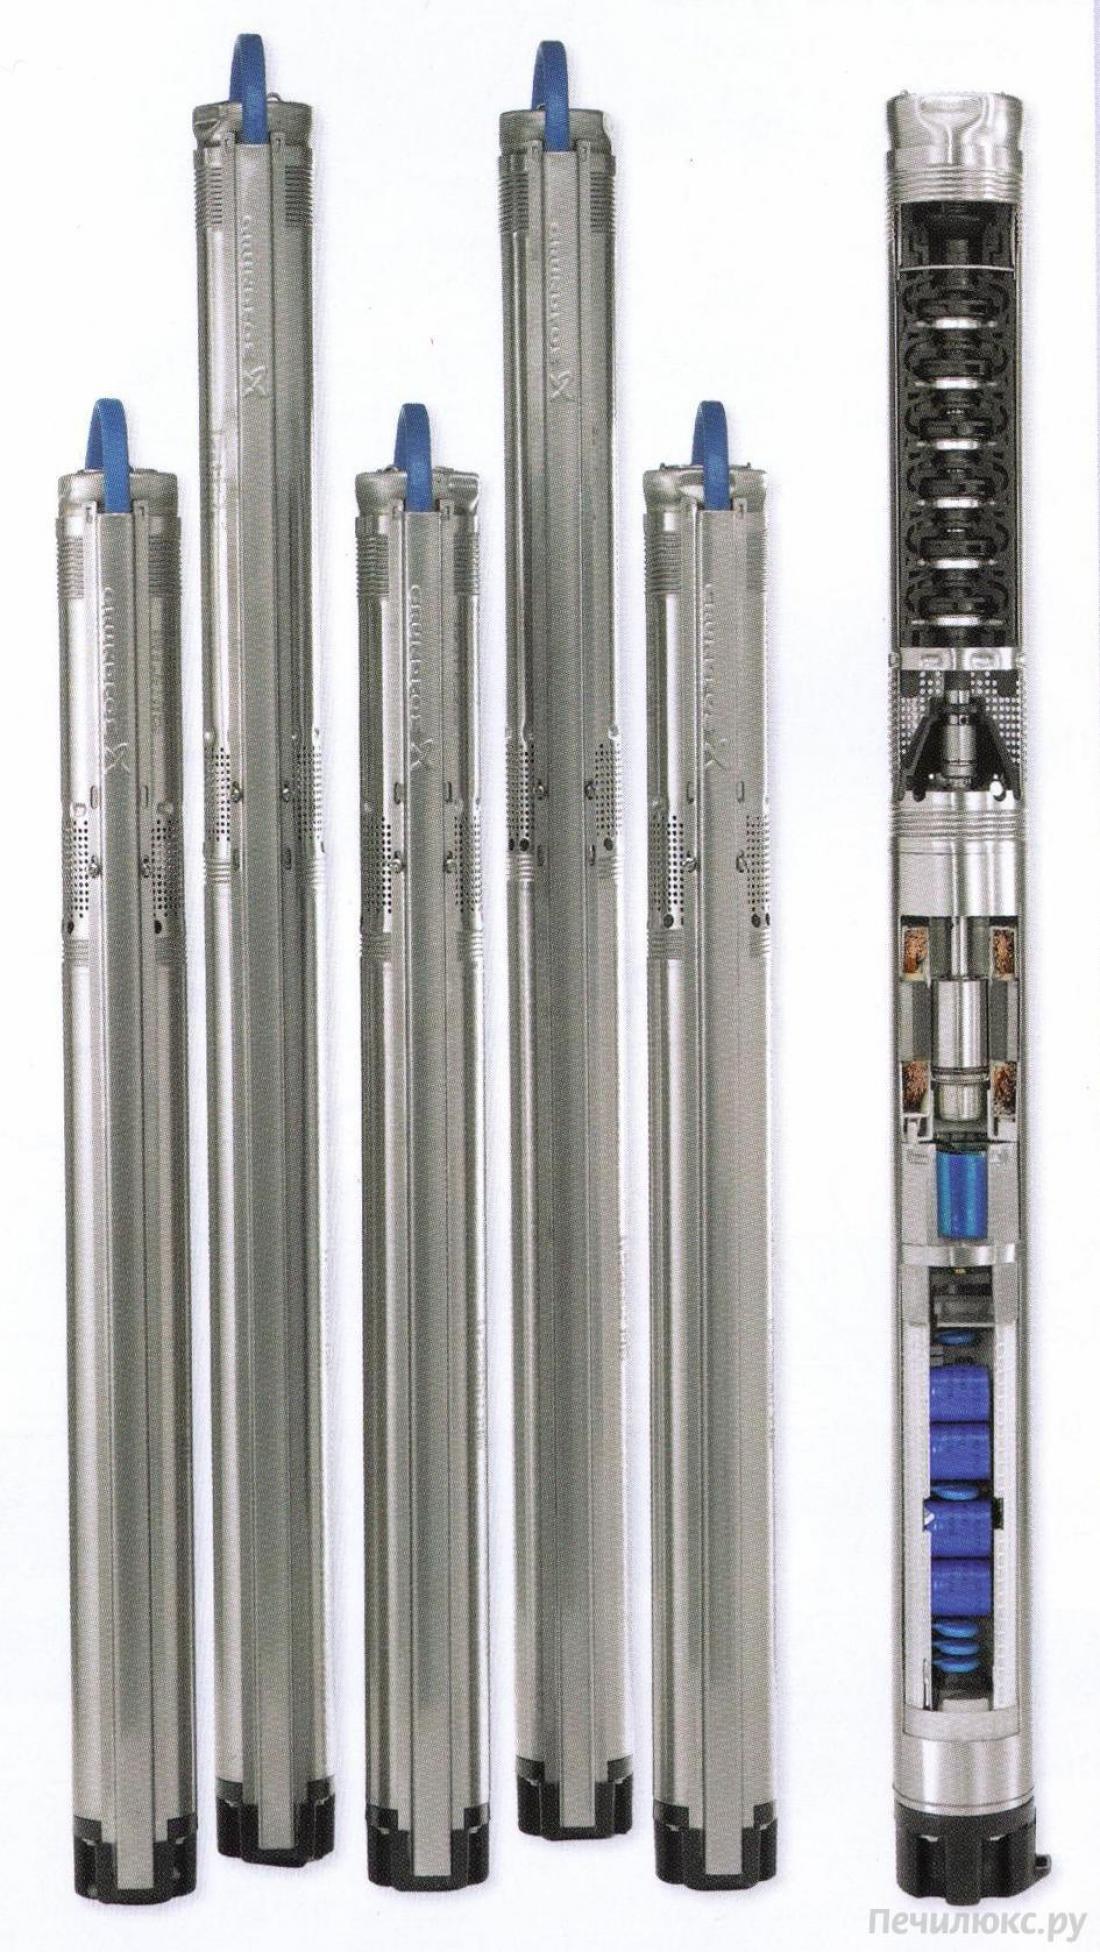 SQE 1- 95     1.15kW 200-240V 50/60Hz